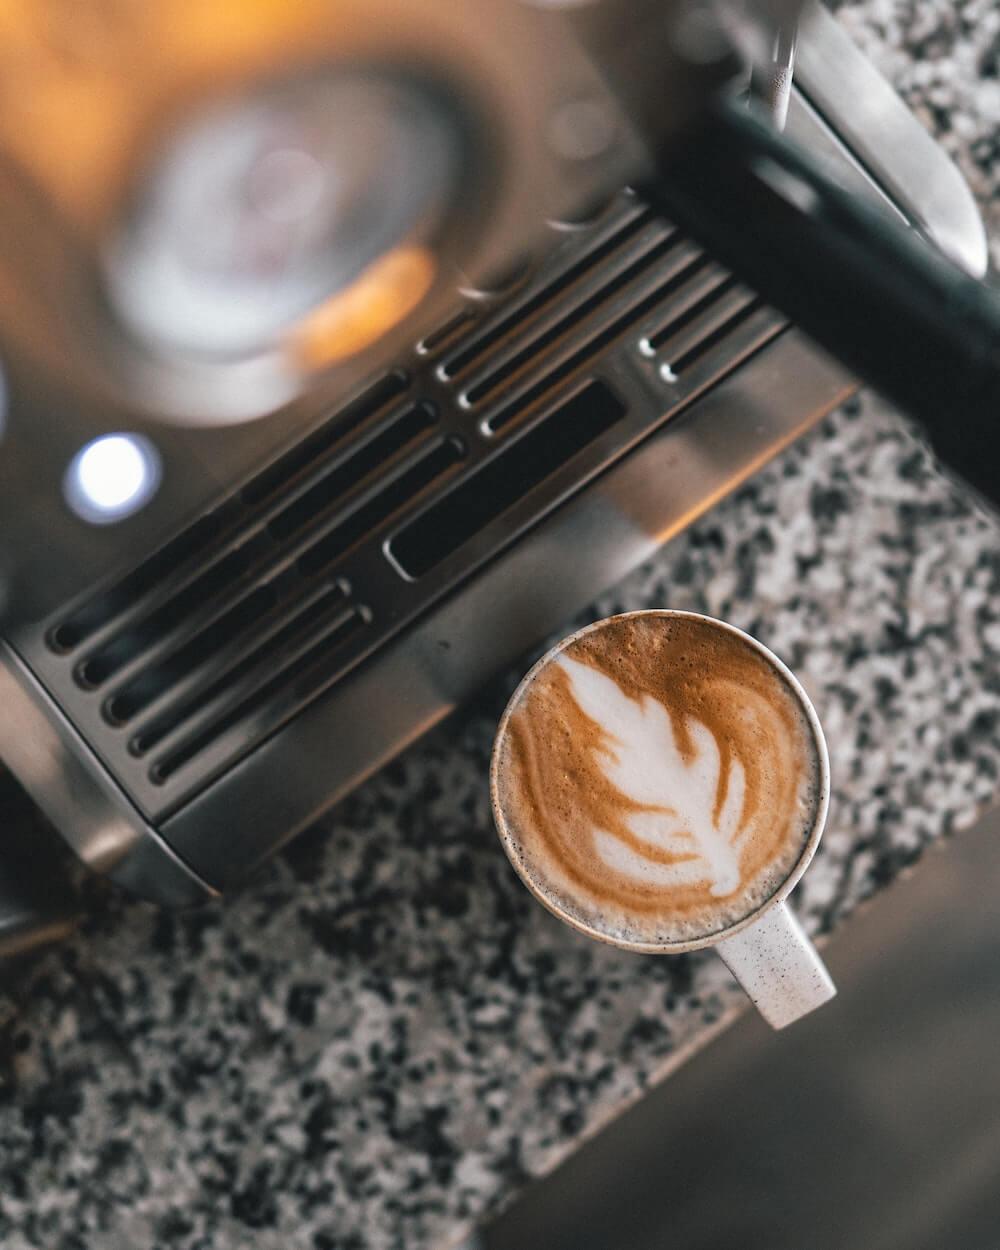 Kaffeemaschine mit frischem Kaffee in Tasse